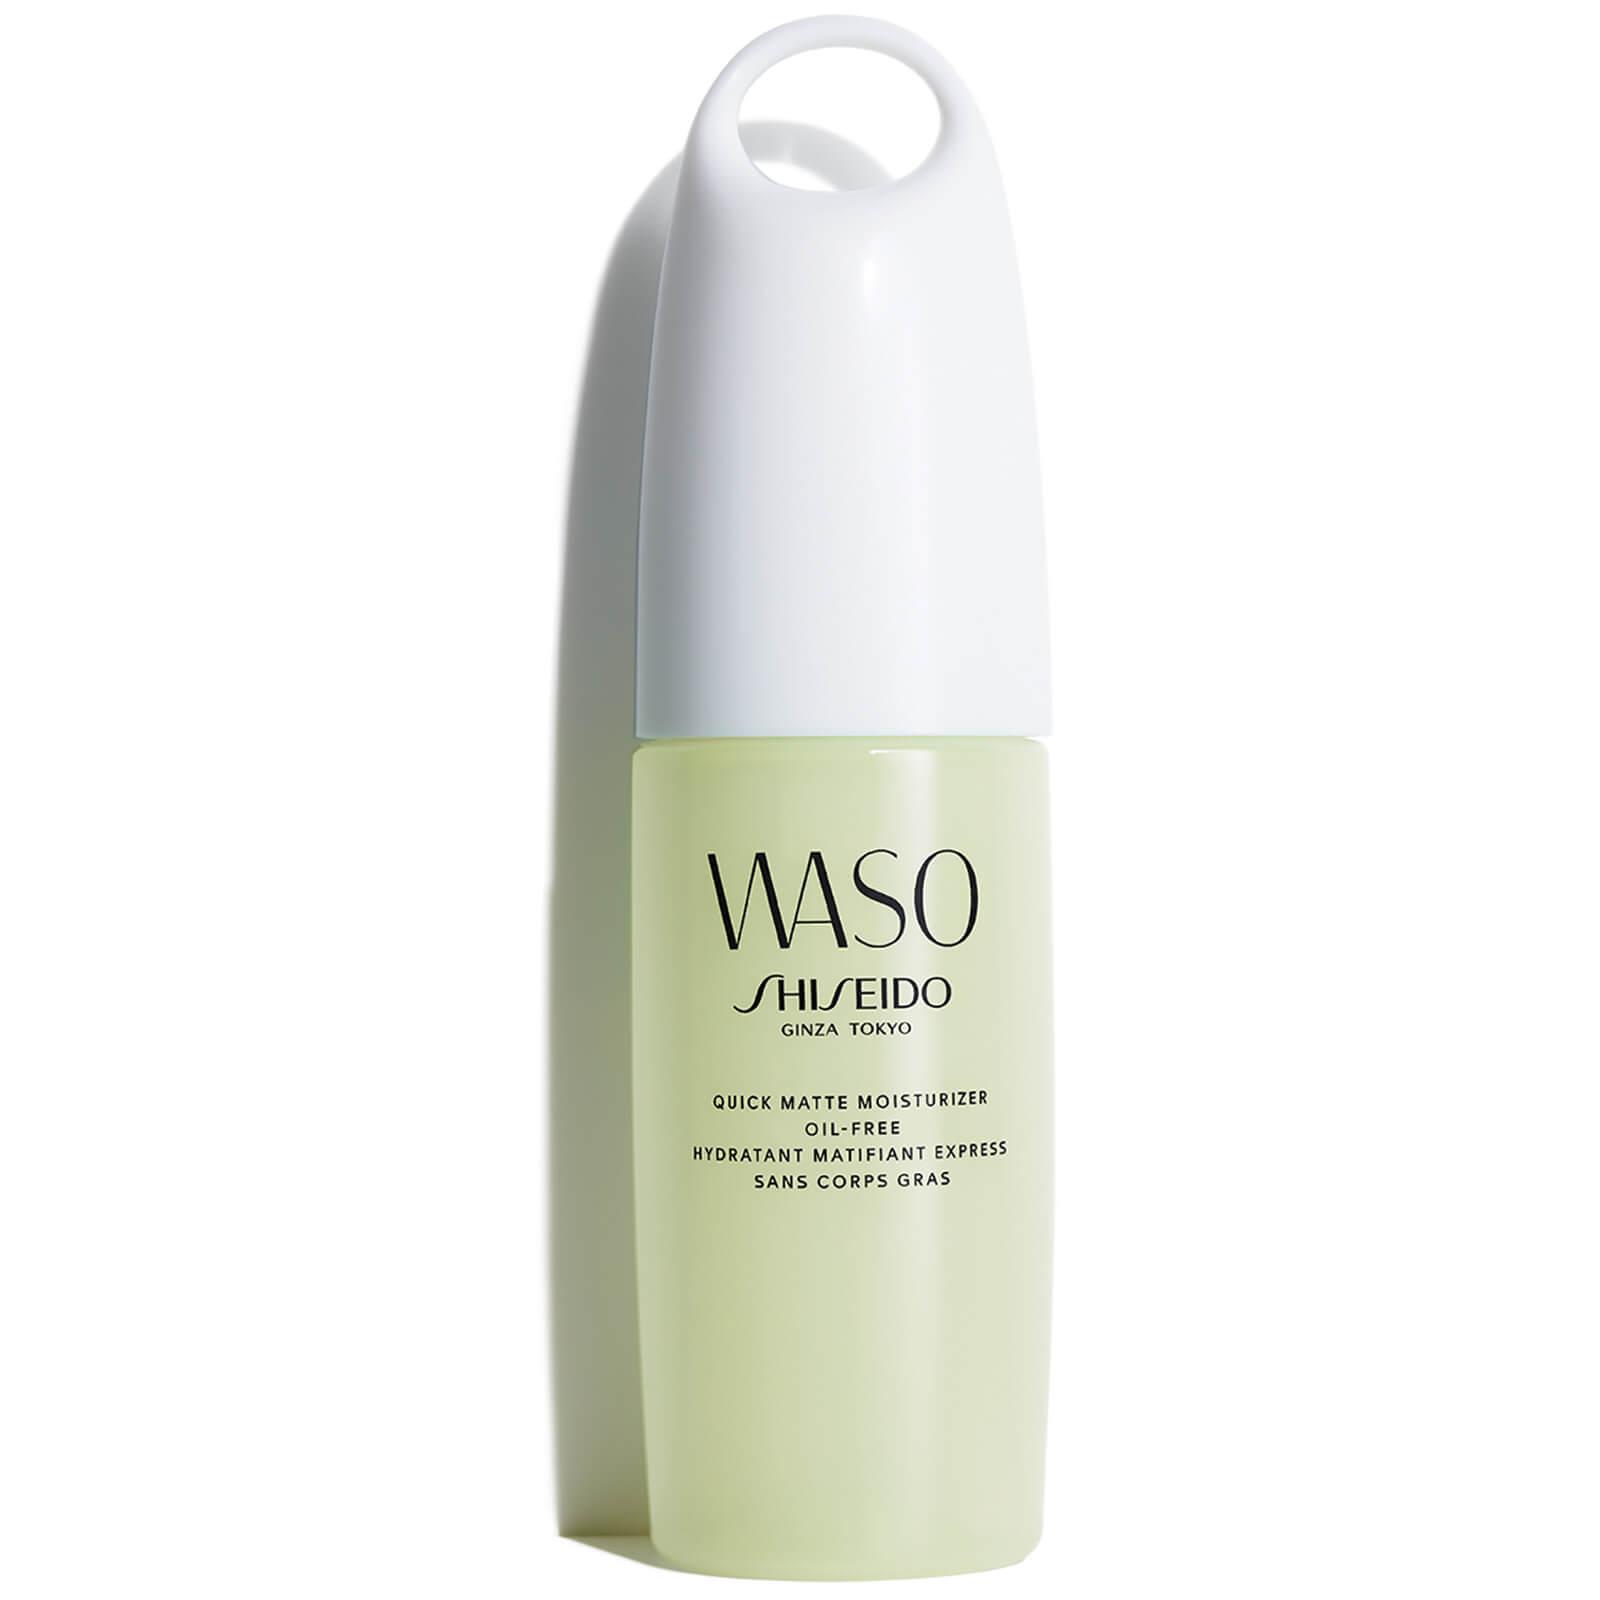 Shiseido WASO Quick Matte Oil Free idratante 75 ml